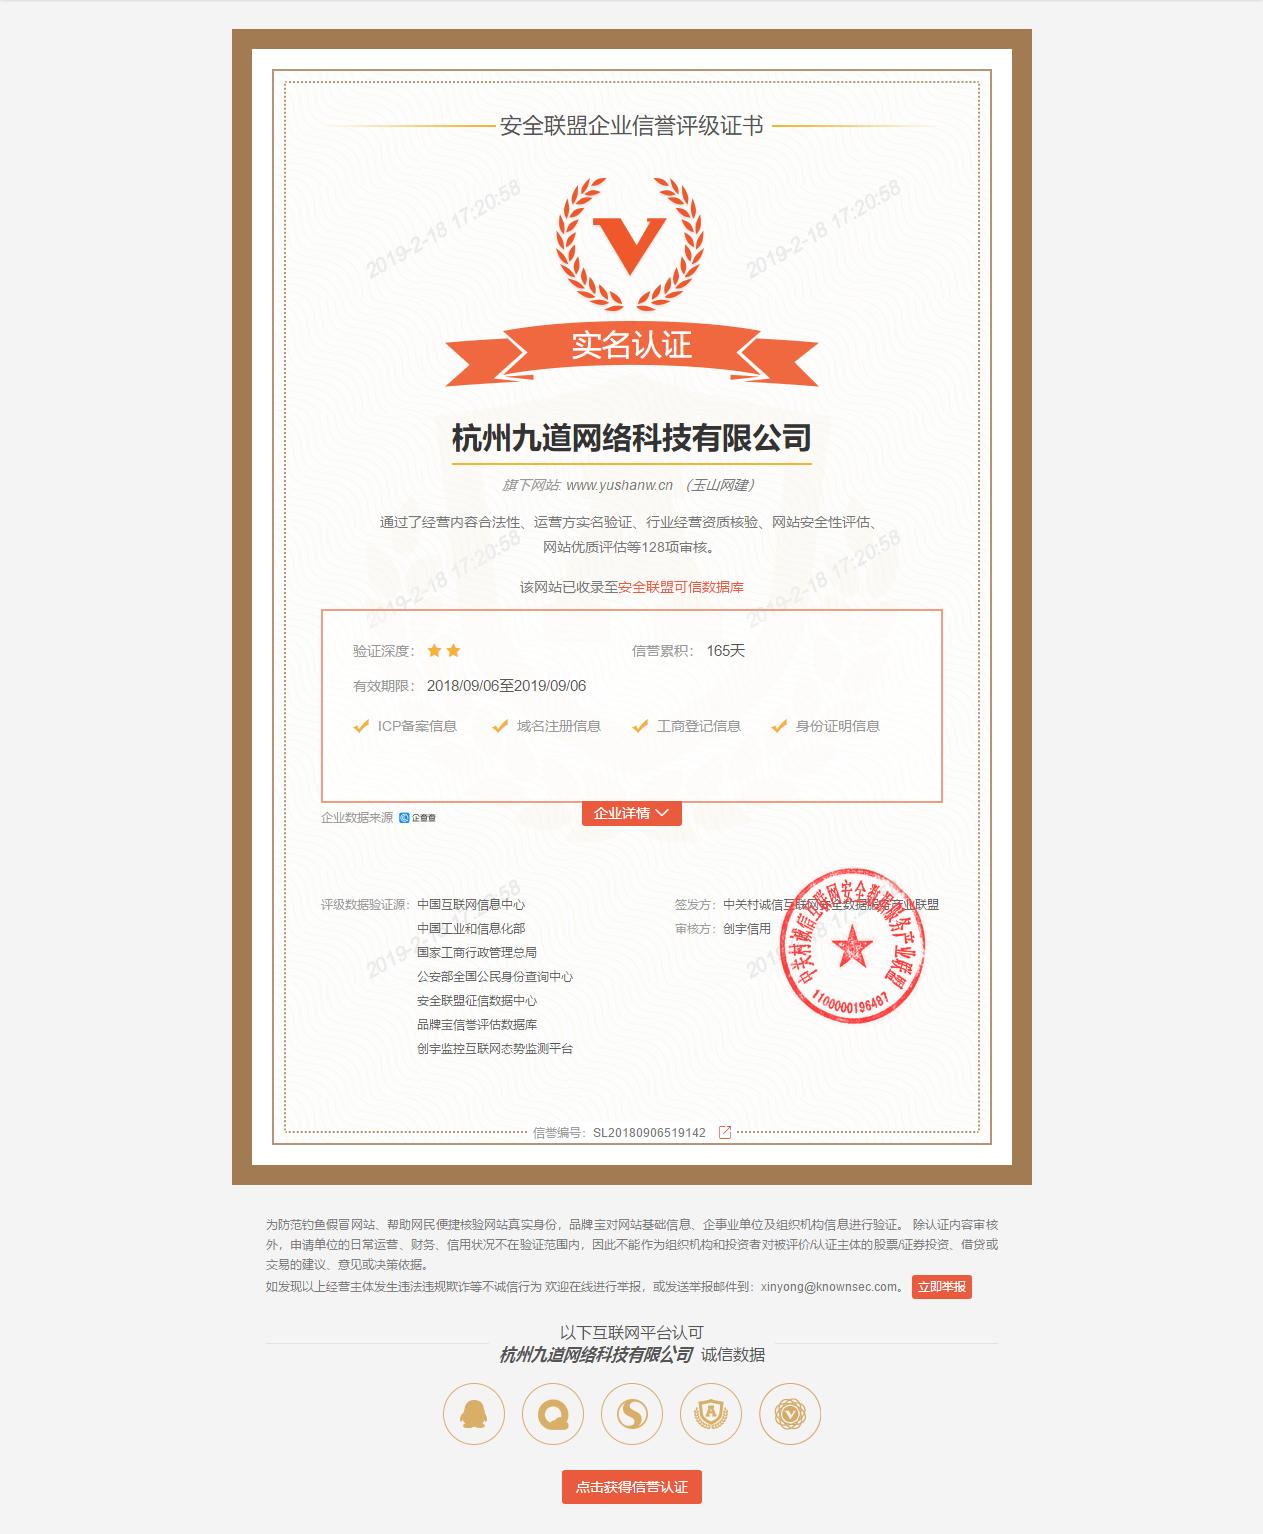 安全联盟企业信誉证书